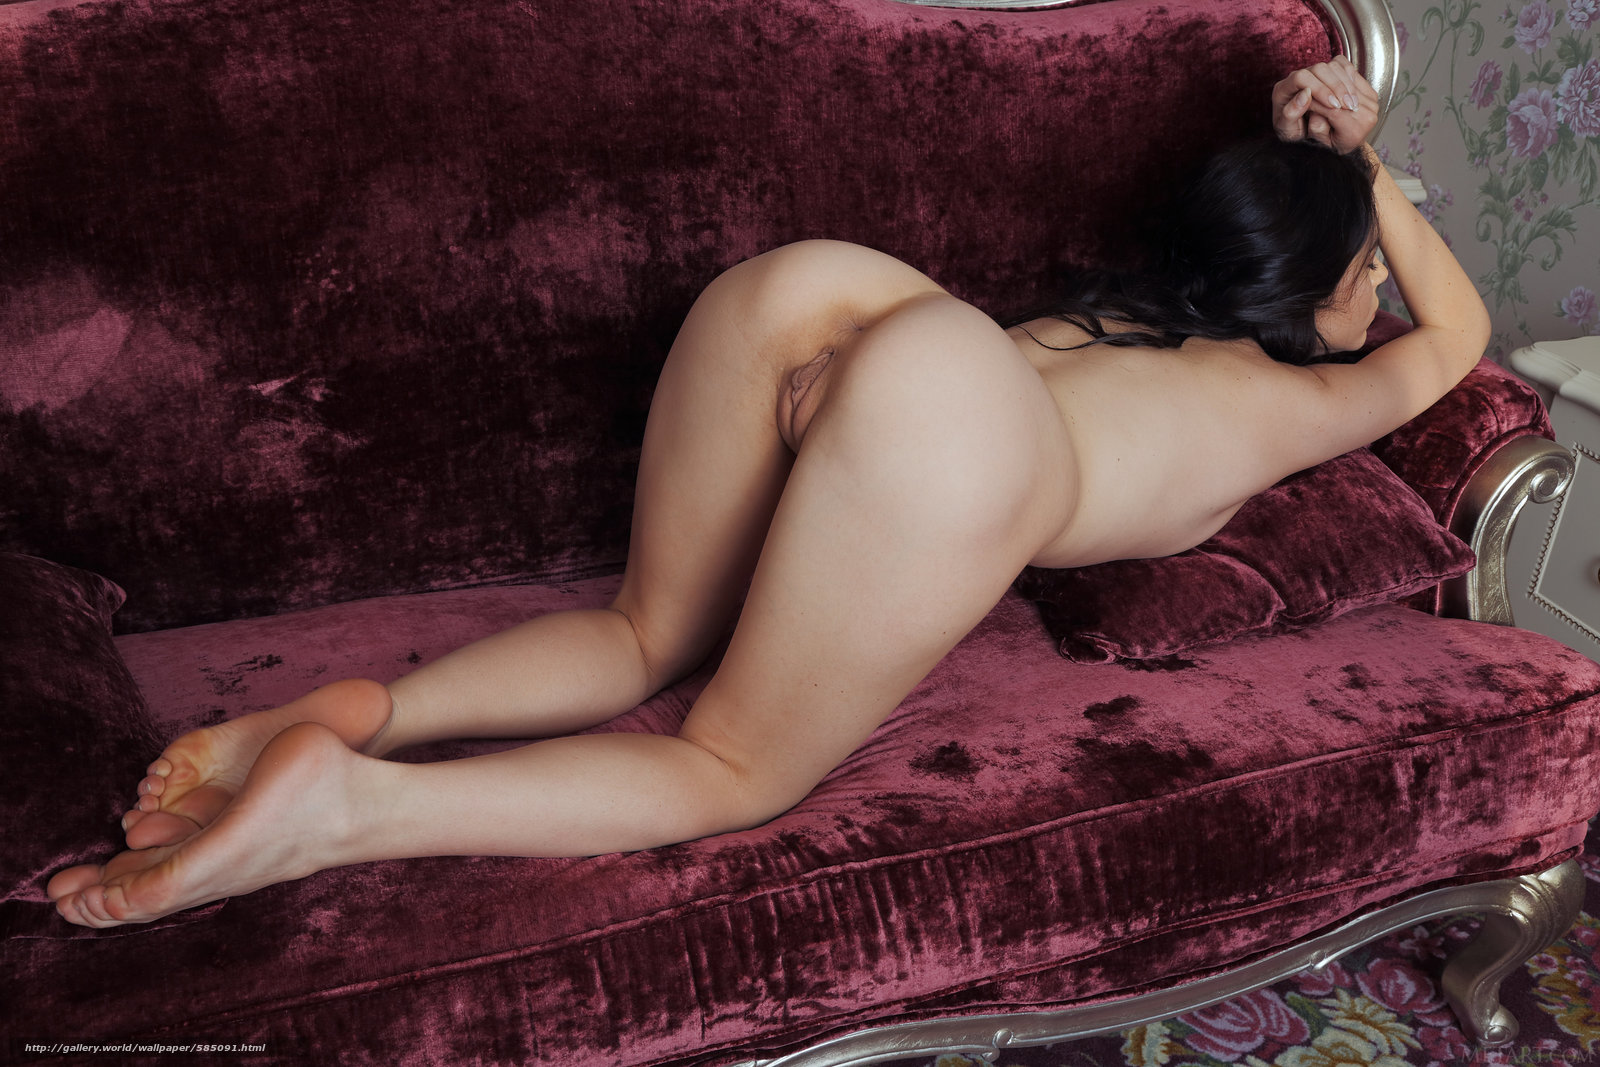 Эротика валерия лопушанская 1 фотография